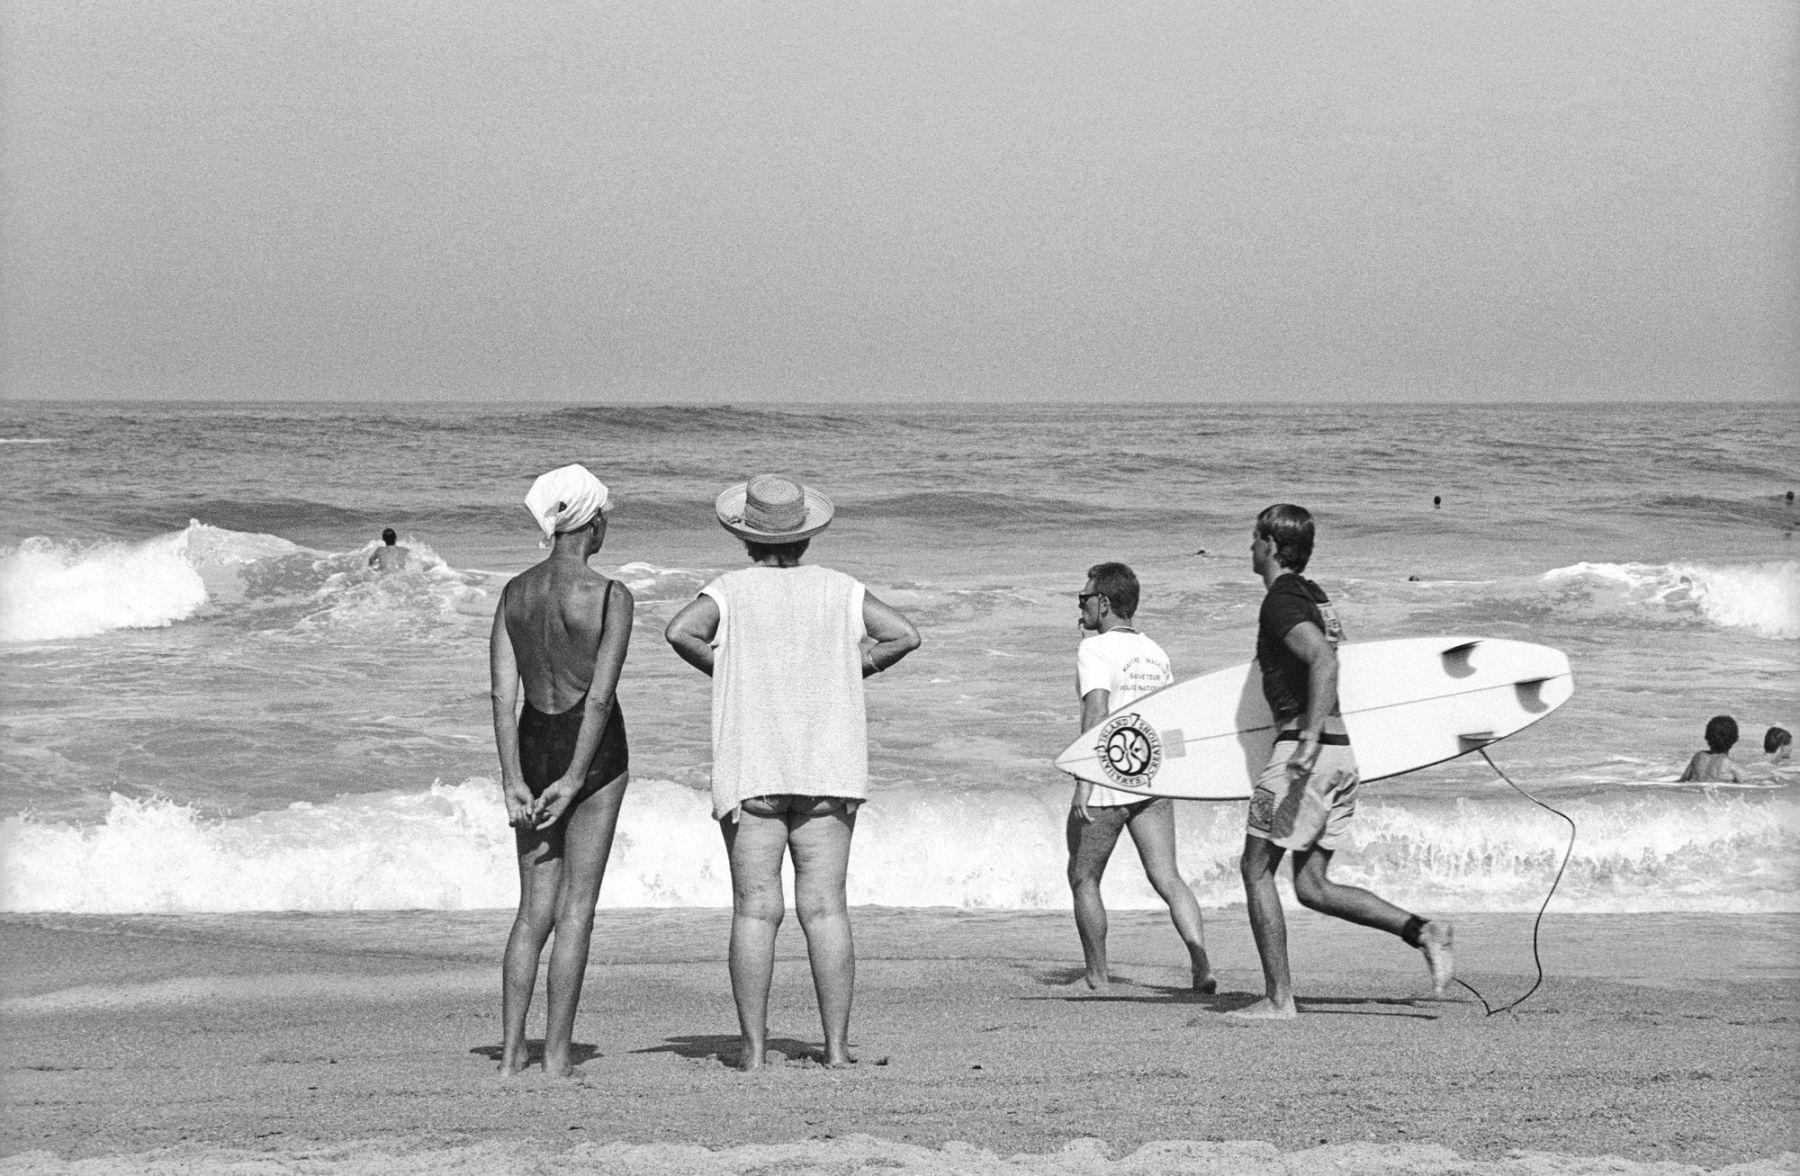 MichelAycaguer-Biarritz-GrandePlage-1988-PointFixe-Leica-18